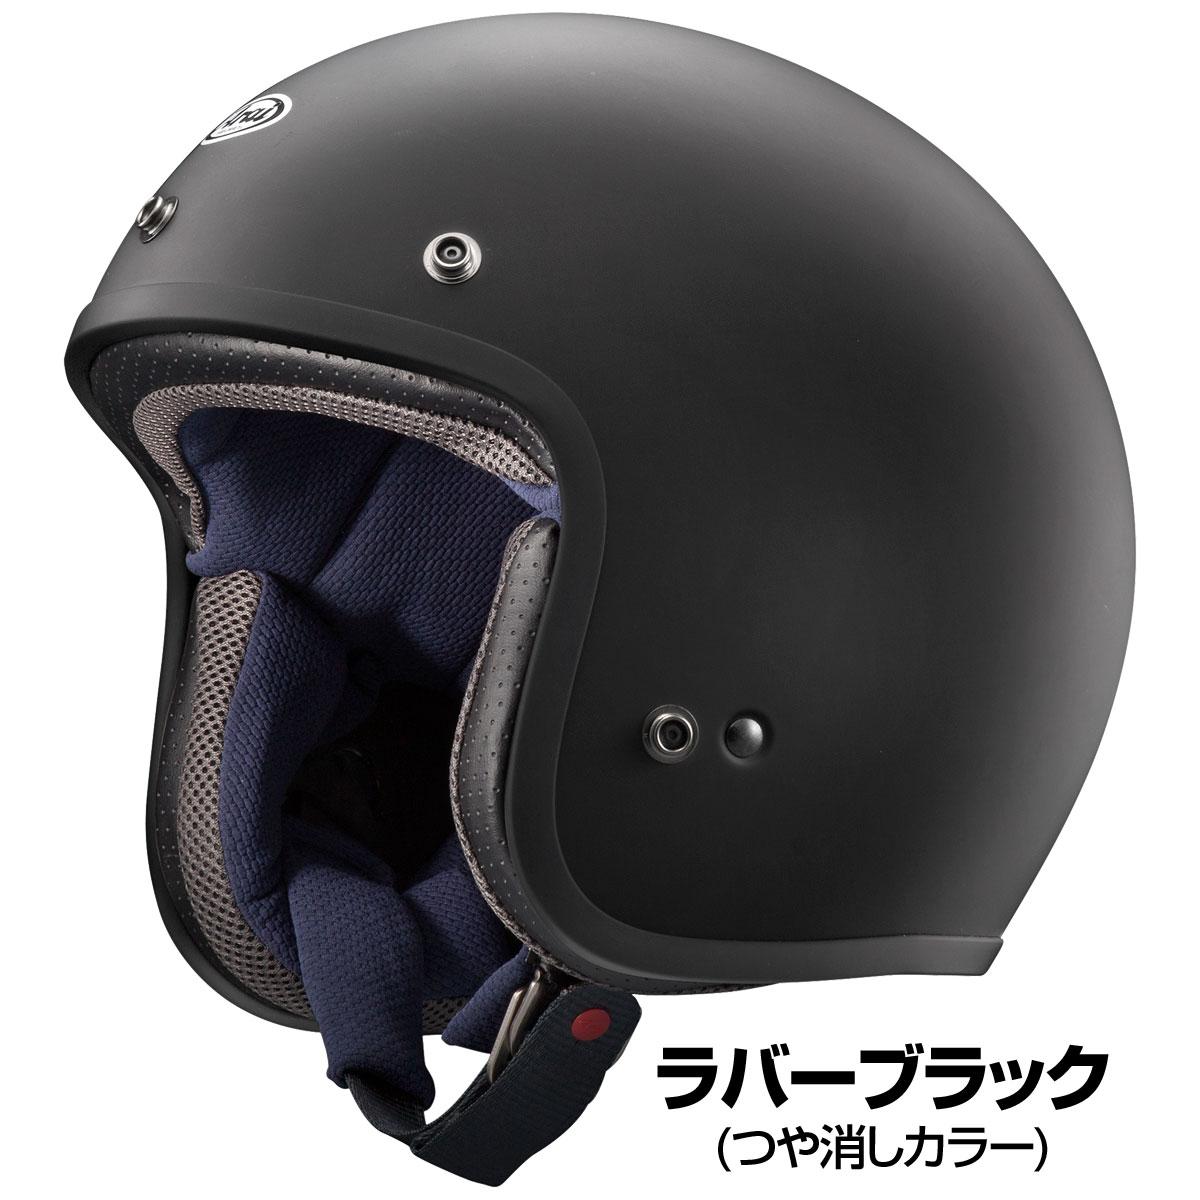 Arai CLASSIC-MOD ヘルメット 【ラバーブラック(つや消しカラー)】【アライ バイク用 クラシック・モッド】【smtb-k】